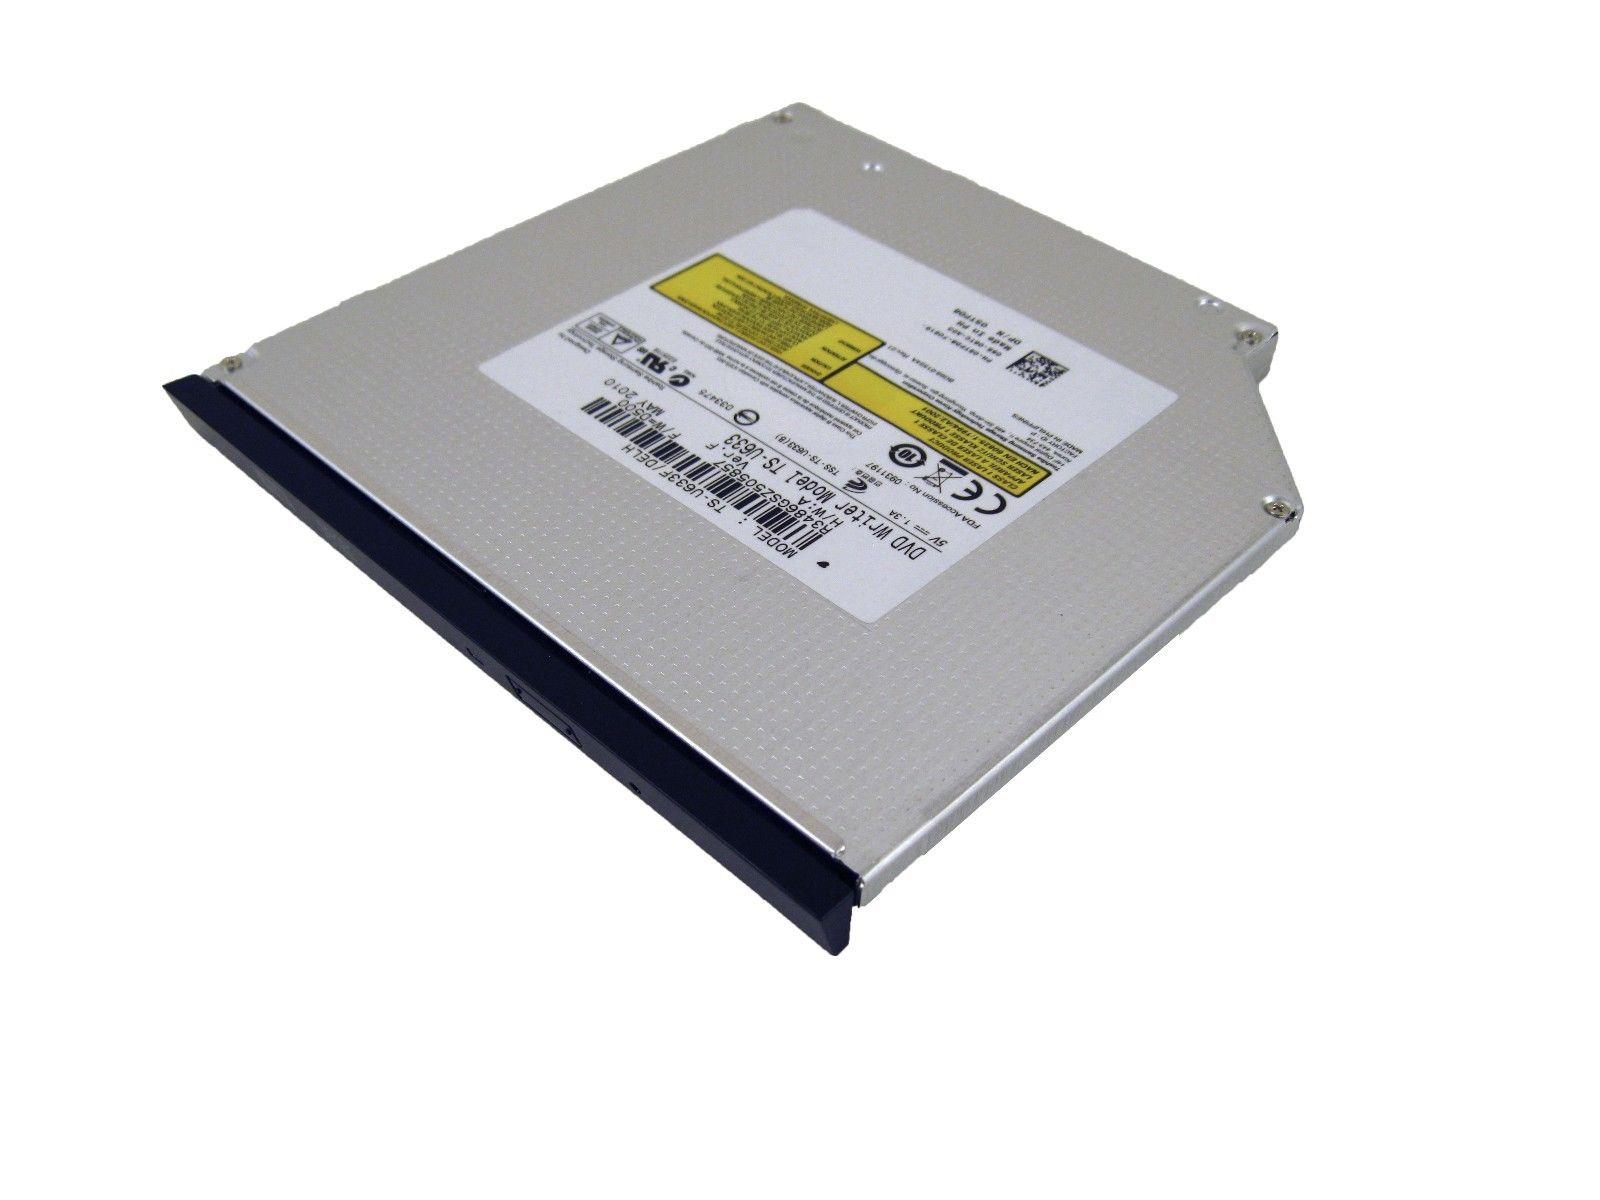 Samsung 5TPD8 Dell Latitude E4300 CD-RW DVDRW Multi Burner Drive TS-U633